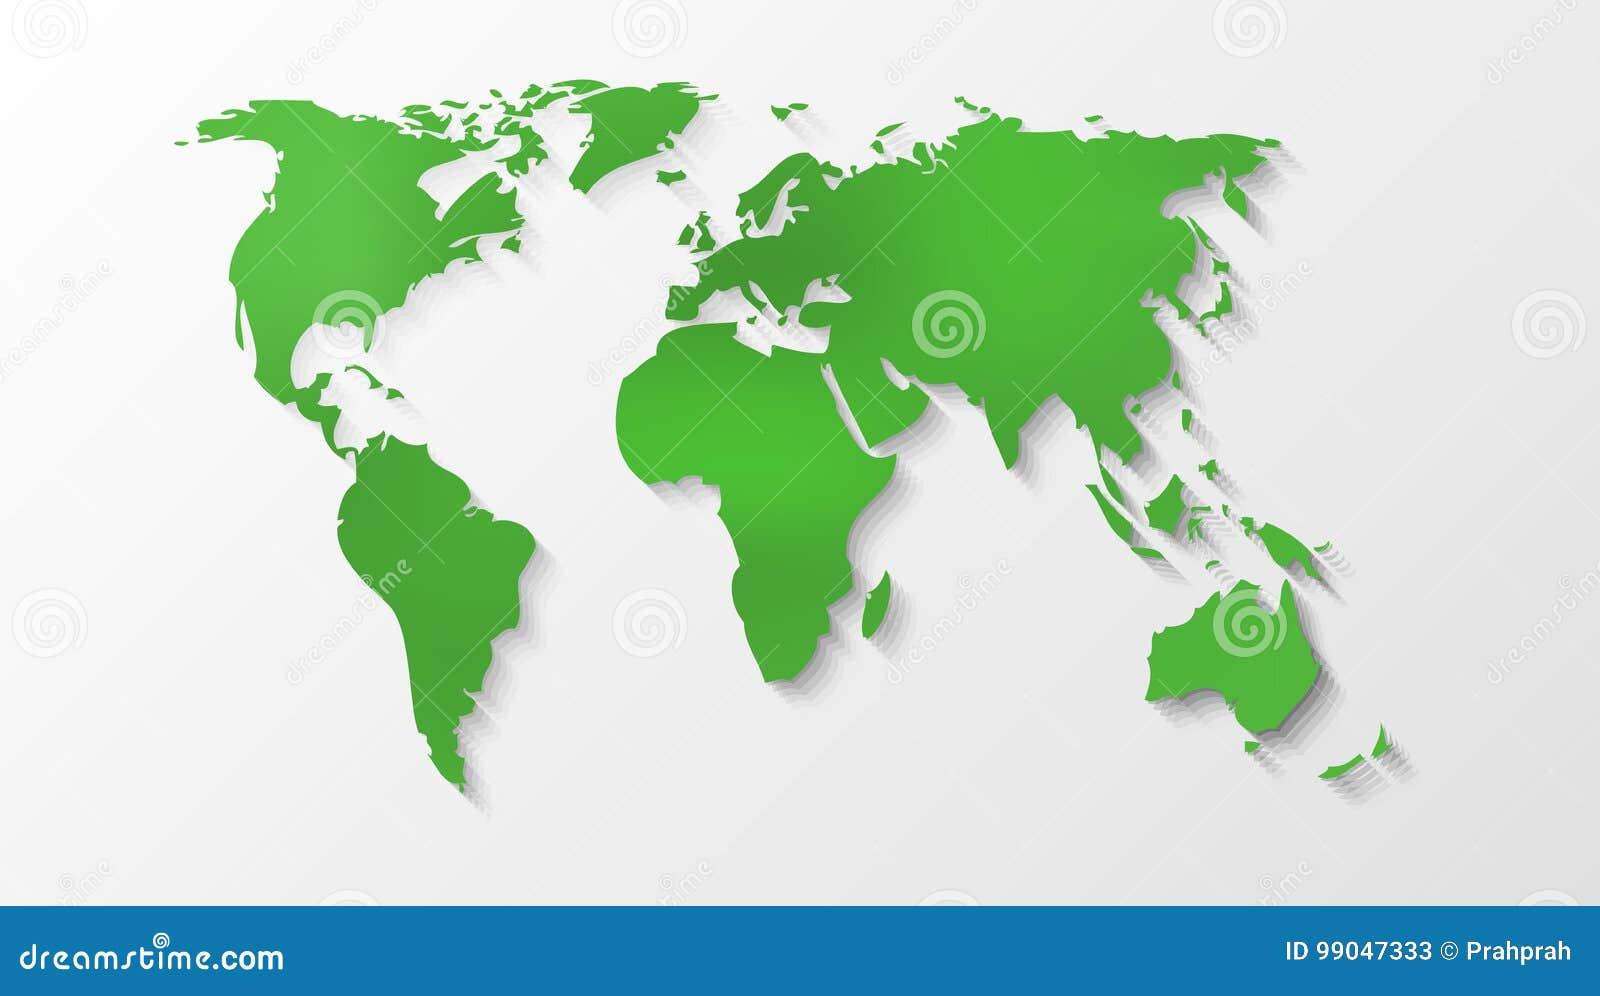 Green World Map Silhouette stock vector. Illustration of eurasia ...